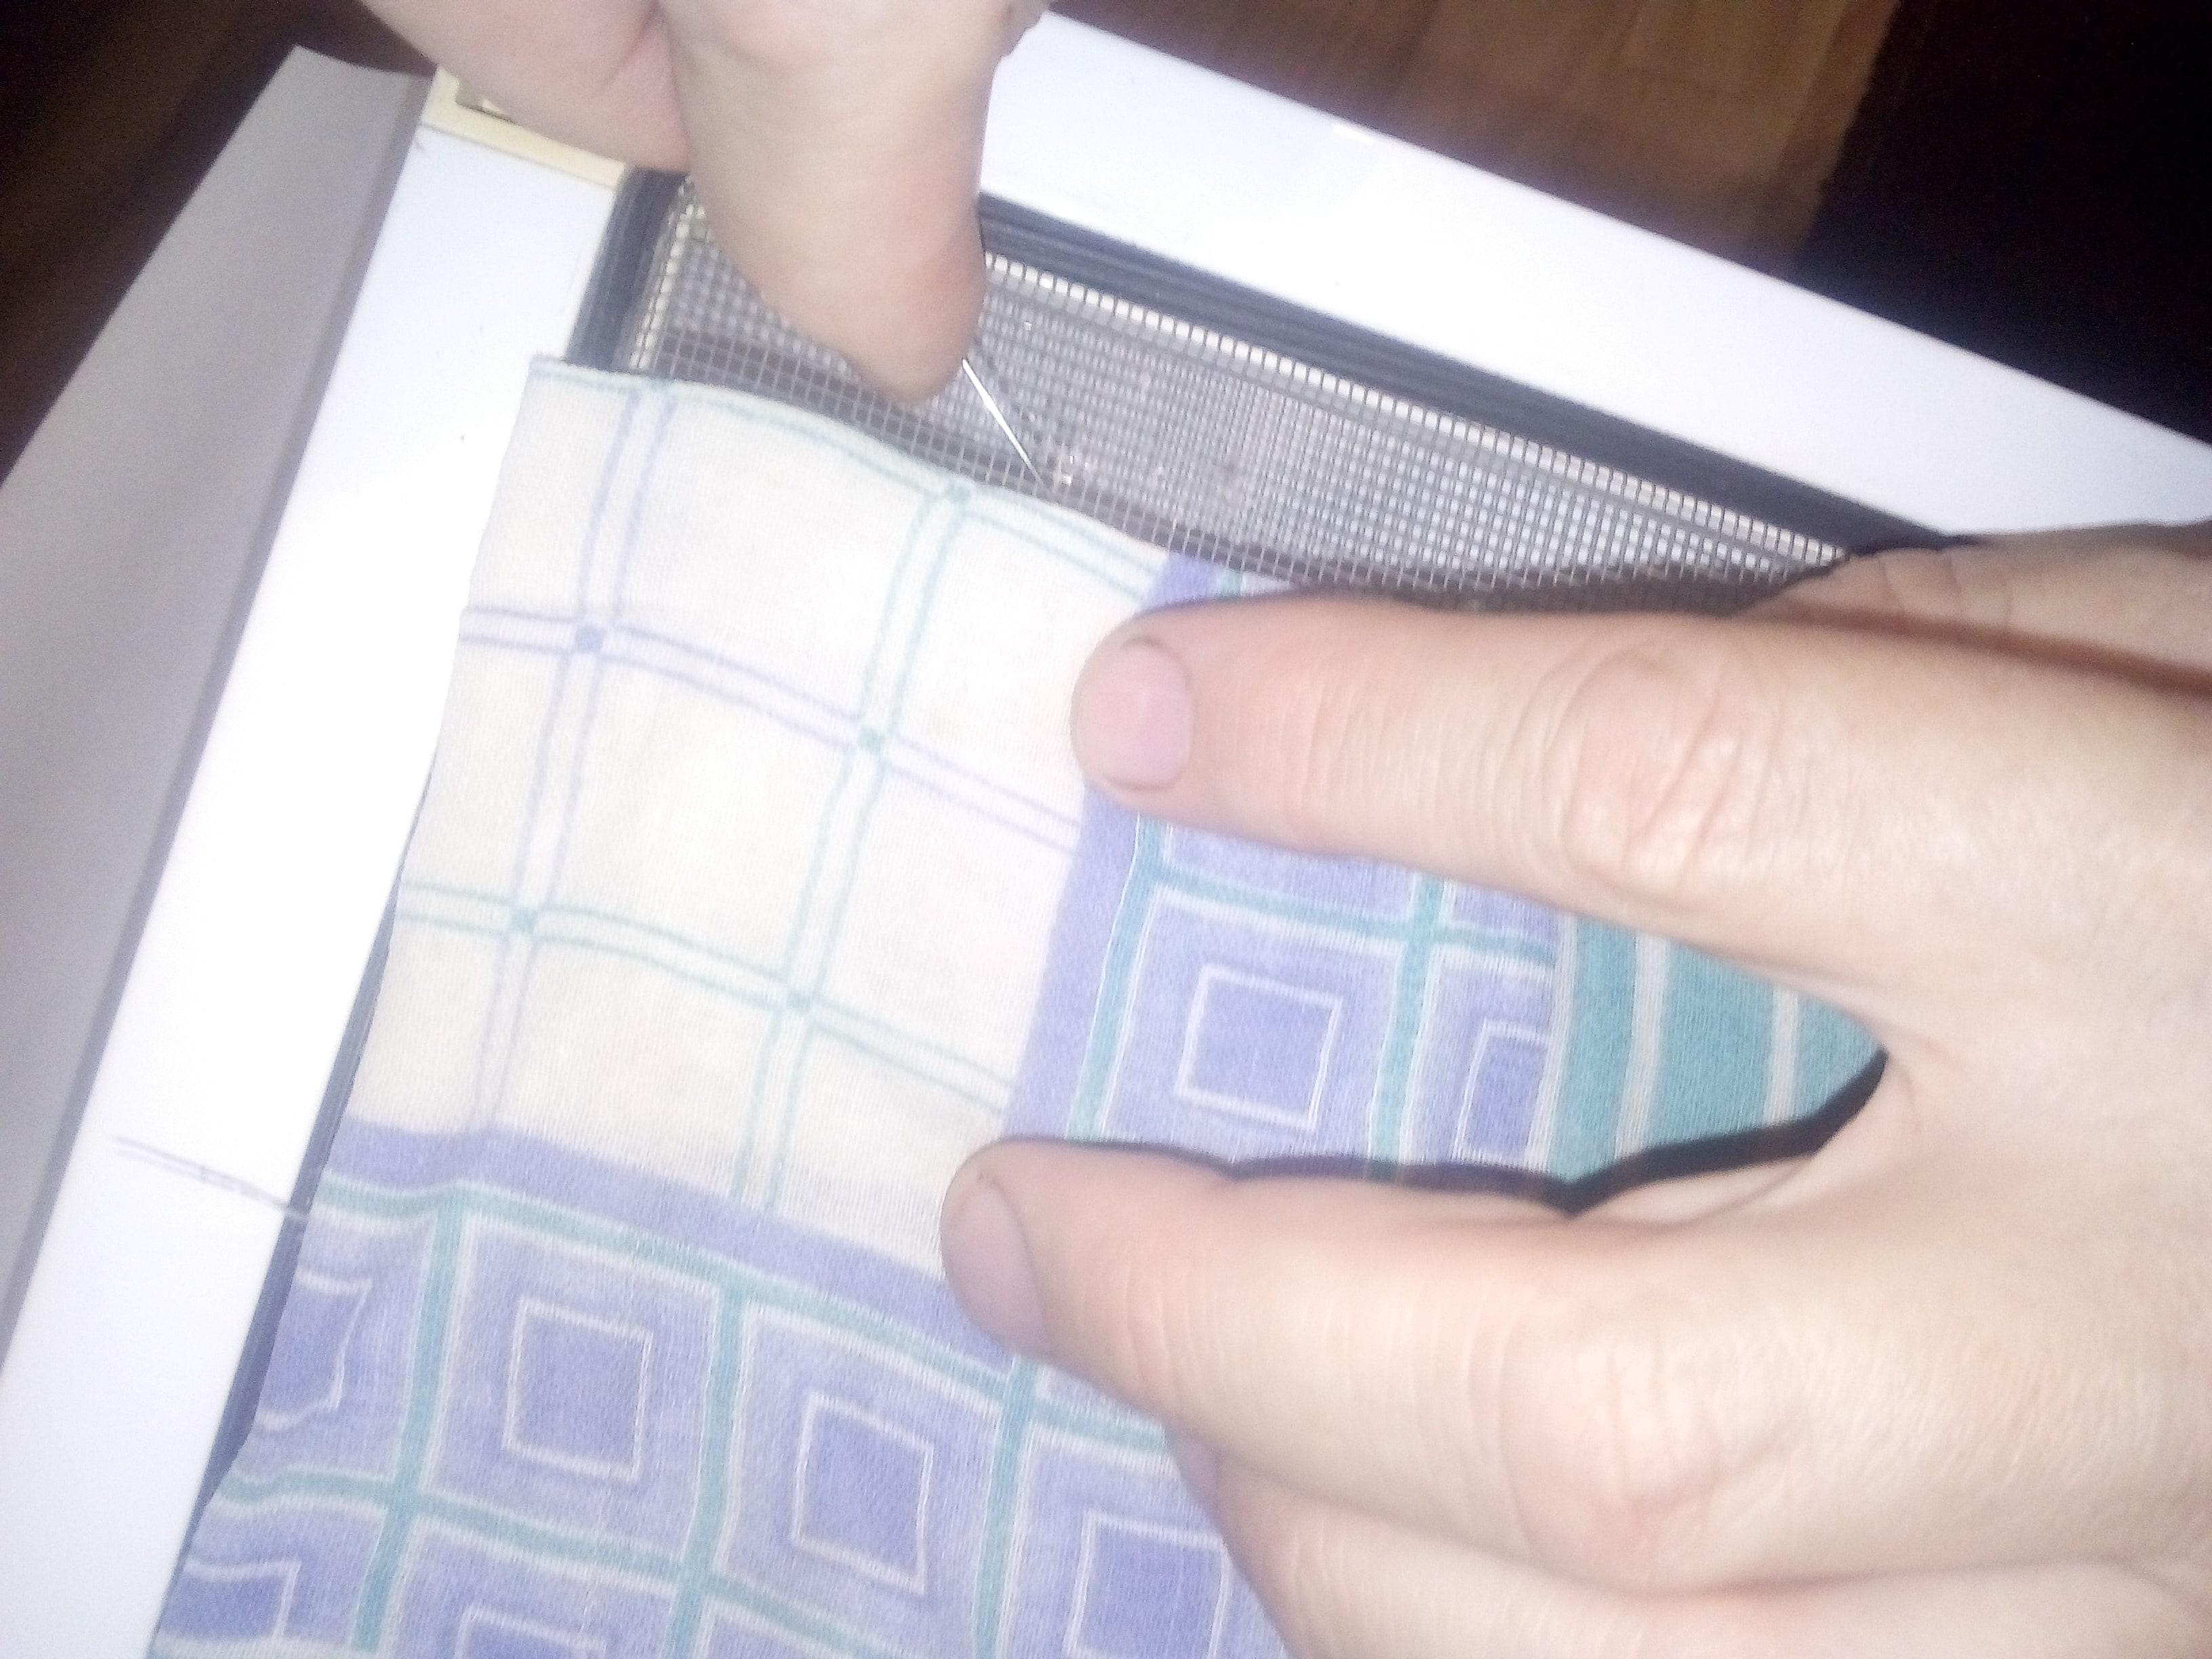 Ремонт-сеток-на-пластиковые-окна-своими-руками-пришивание-куска-ткани-на-дыры-в-сетке-min.jpg